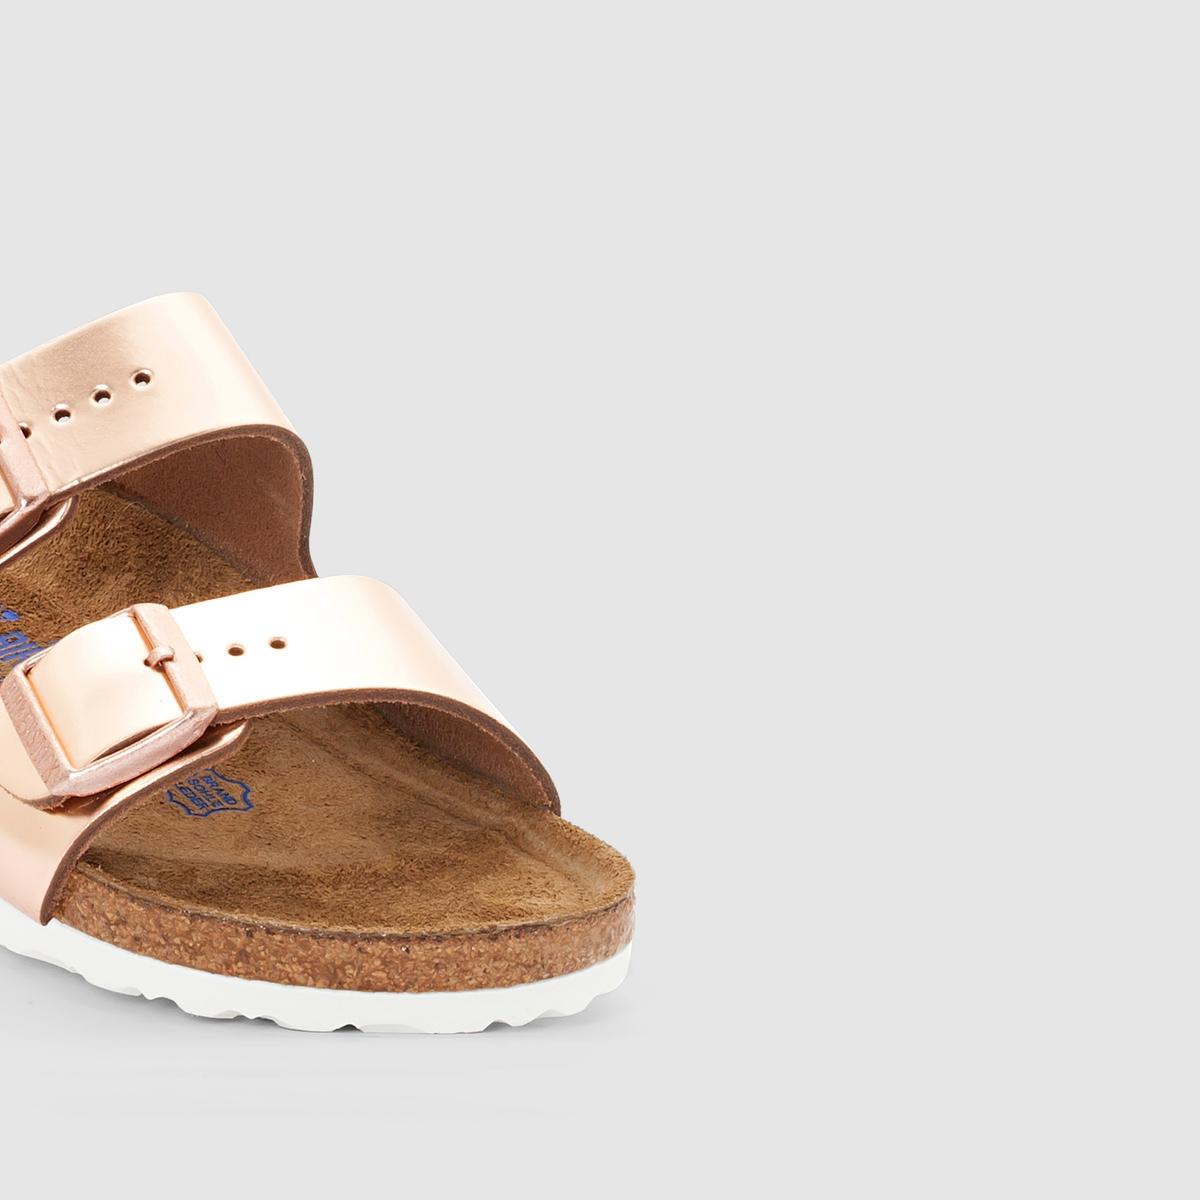 Туфли без задника кожаныеДетали  •  Вьетнамки •  Застежка : без застежки •  Открытый мысокСостав и уход  •  Верх 100% кожа •  Подкладка 100% кожа •  Стелька 100% кожа •  Подошва 100% ЭВА<br><br>Цвет: розовый металлик<br>Размер: 35